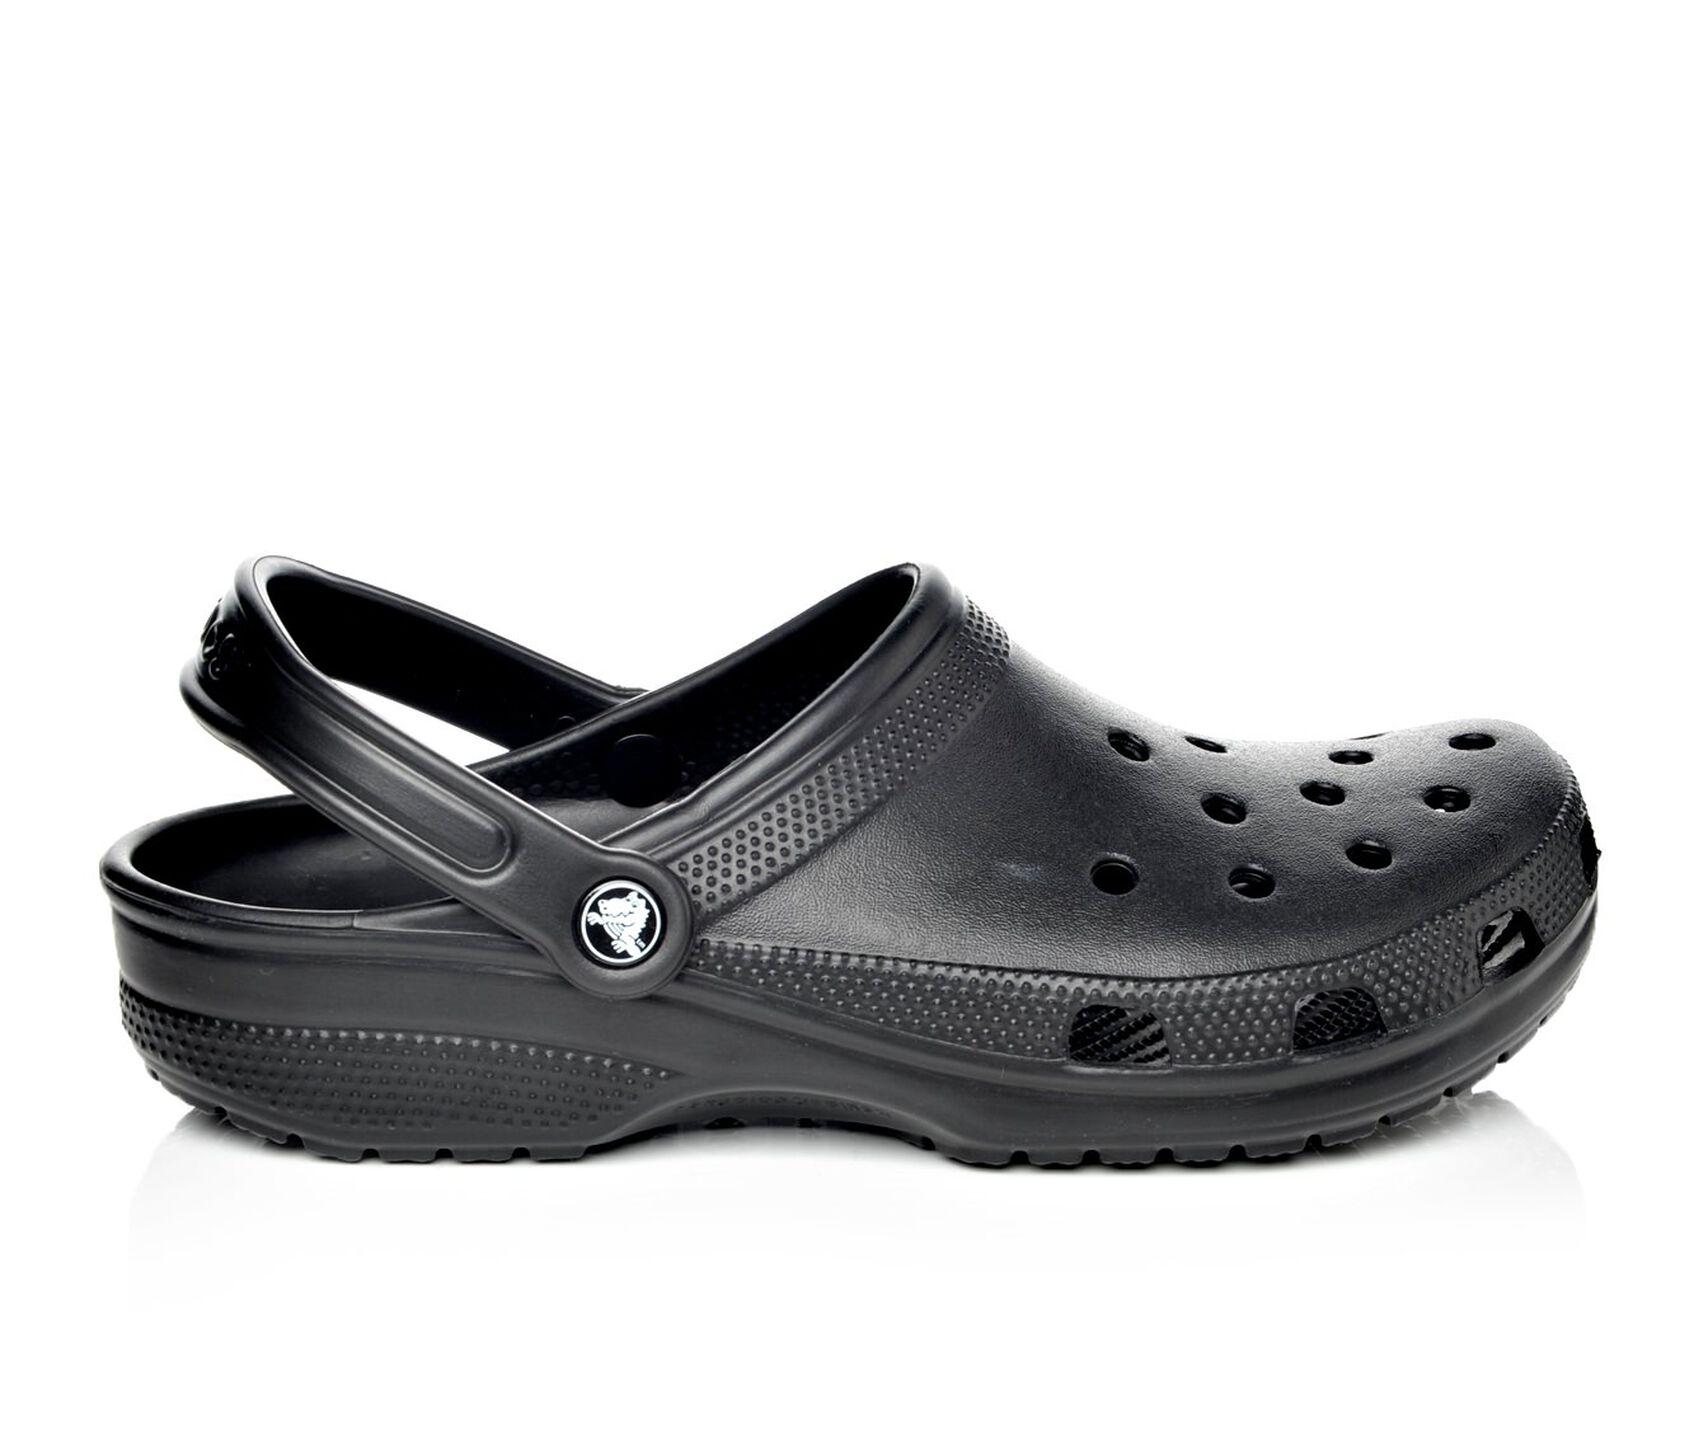 authorized site good out x official photos Men's Crocs Classic Clogs